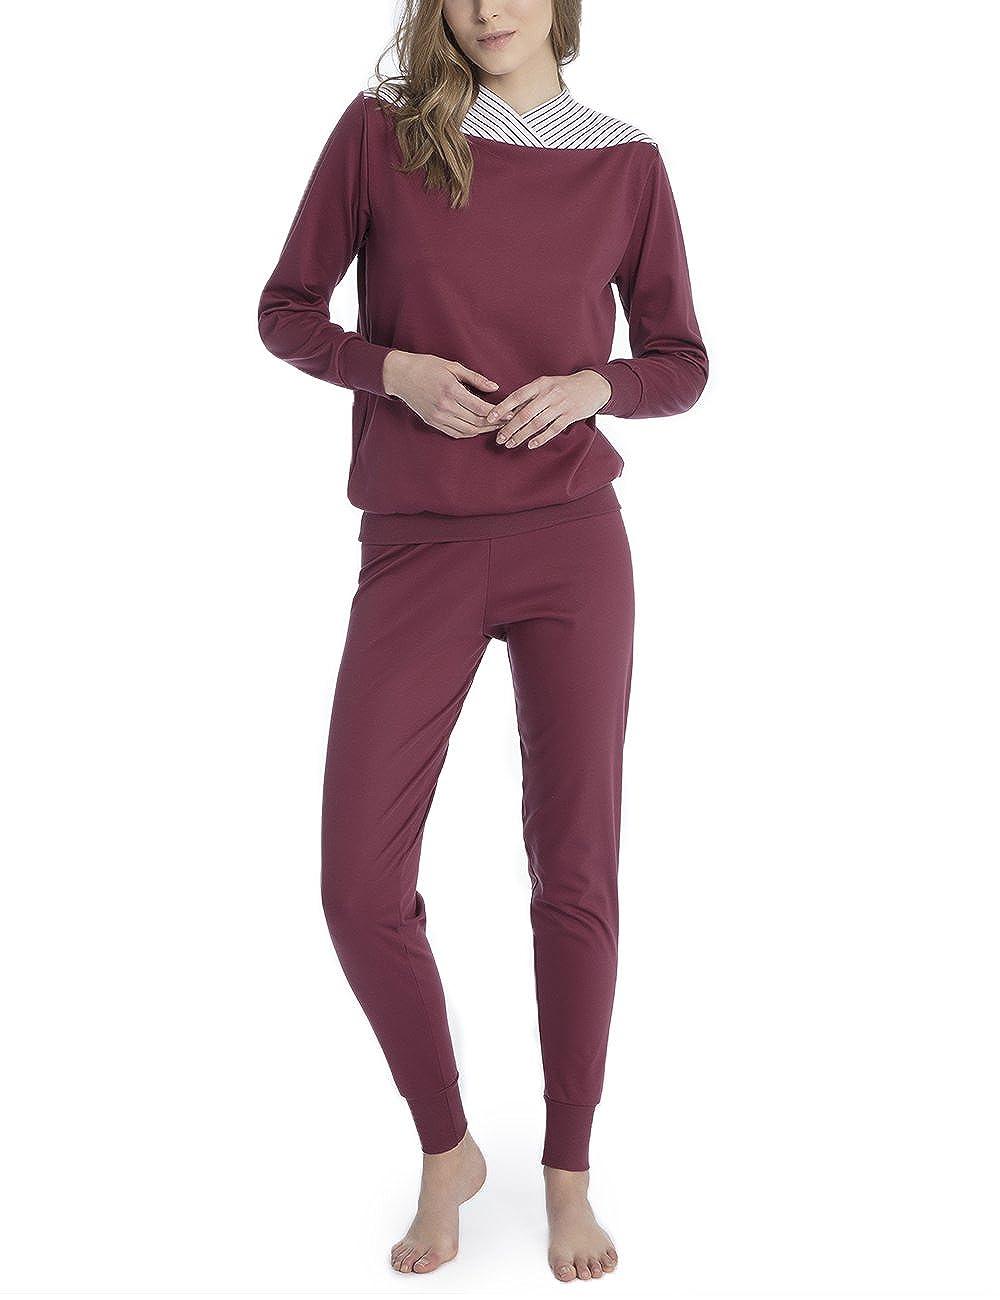 Calida Damen Zweiteiliger Schlafanzug Soft Cotton 43100